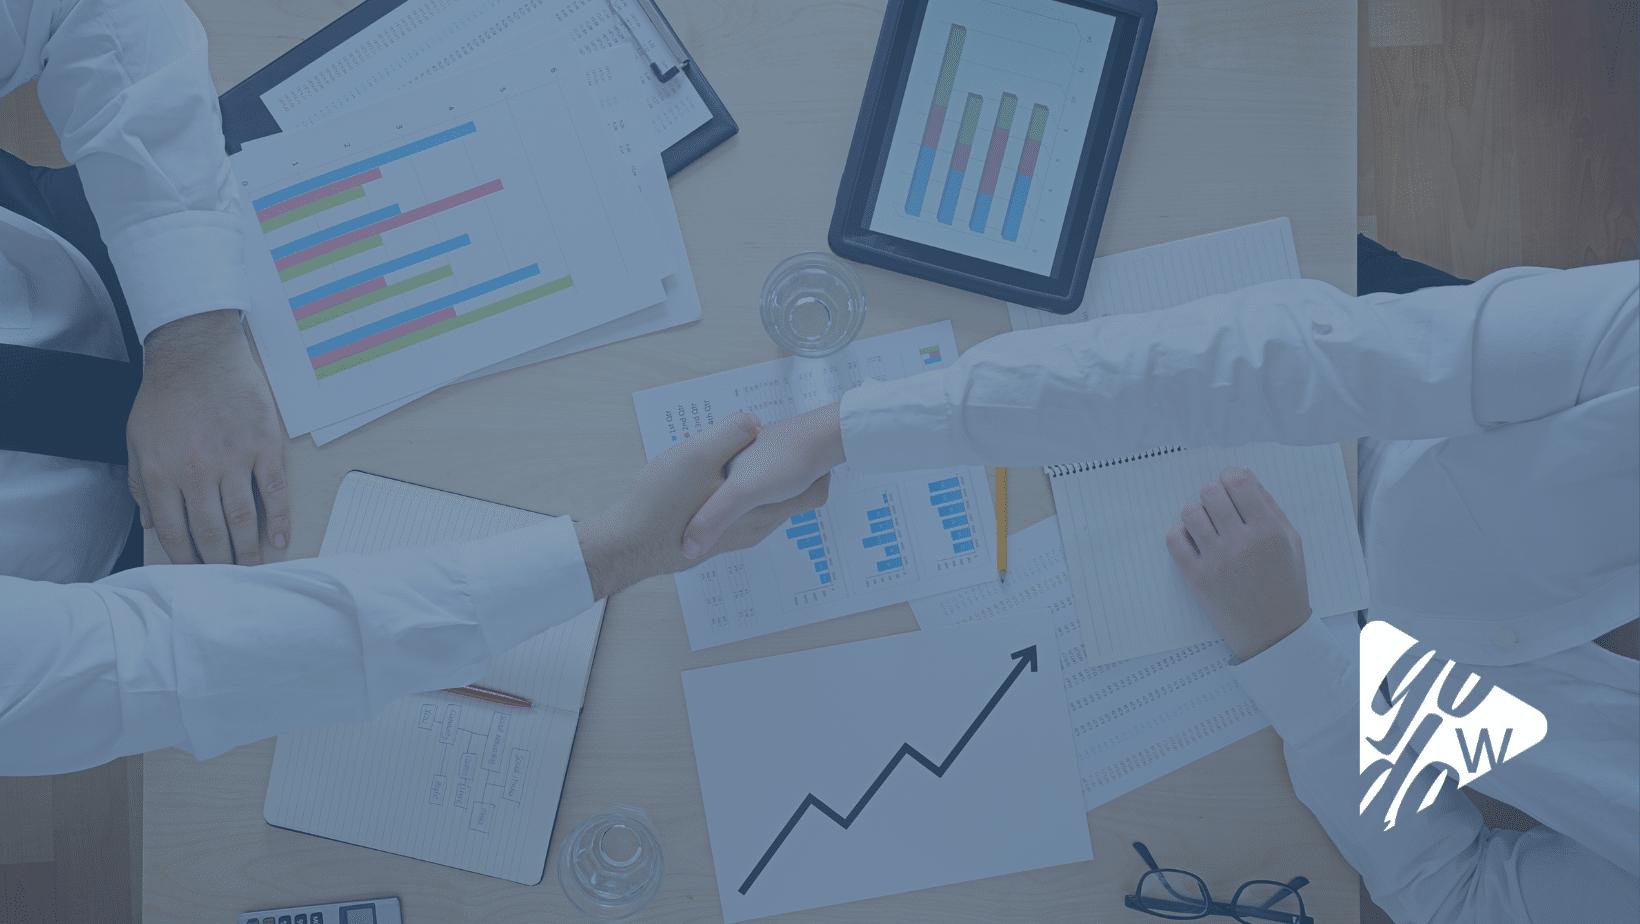 Cómo monitorear el cumplimiento de acuerdos comerciales utilizando software de geogestión